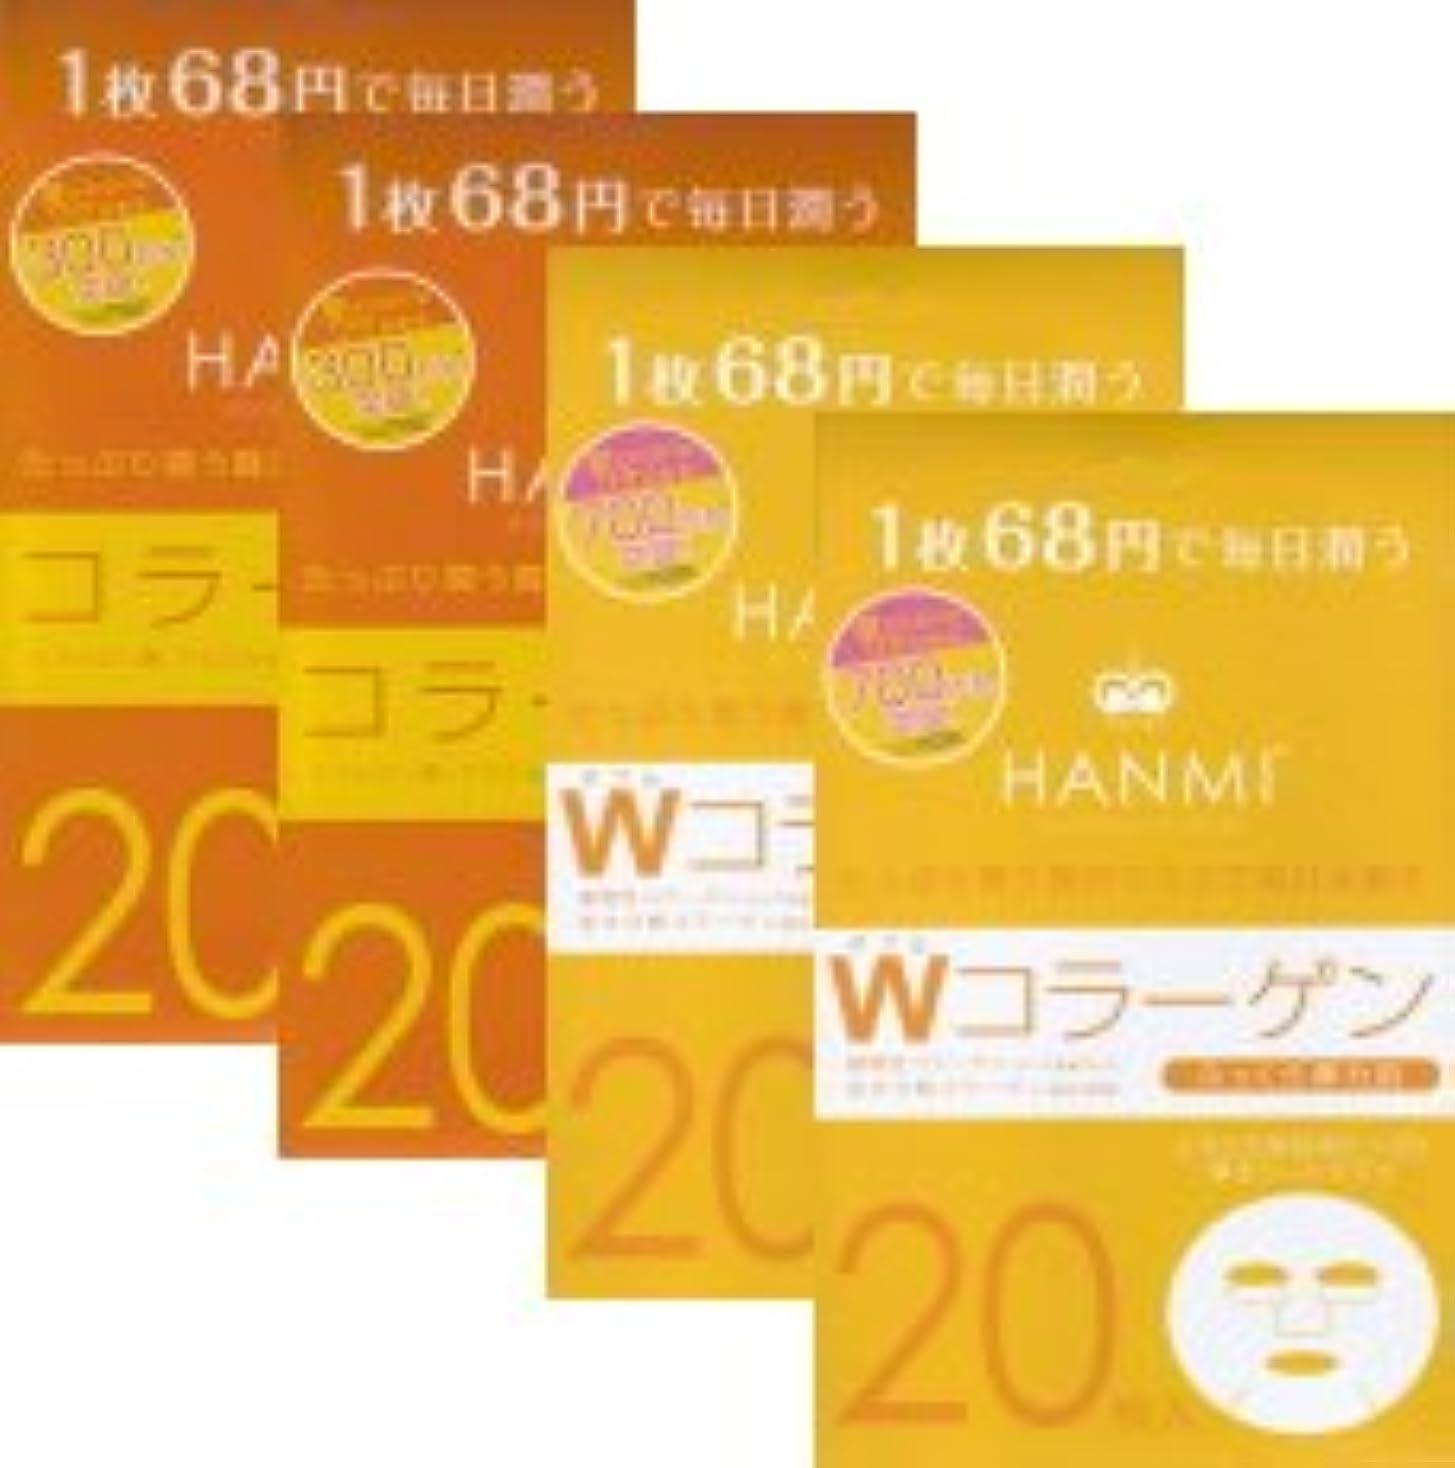 狭い薄いライオネルグリーンストリートMIGAKI ハンミフェイスマスク(20枚入り)「コラーゲン×2個「Wコラーゲン×2個」の4個セット